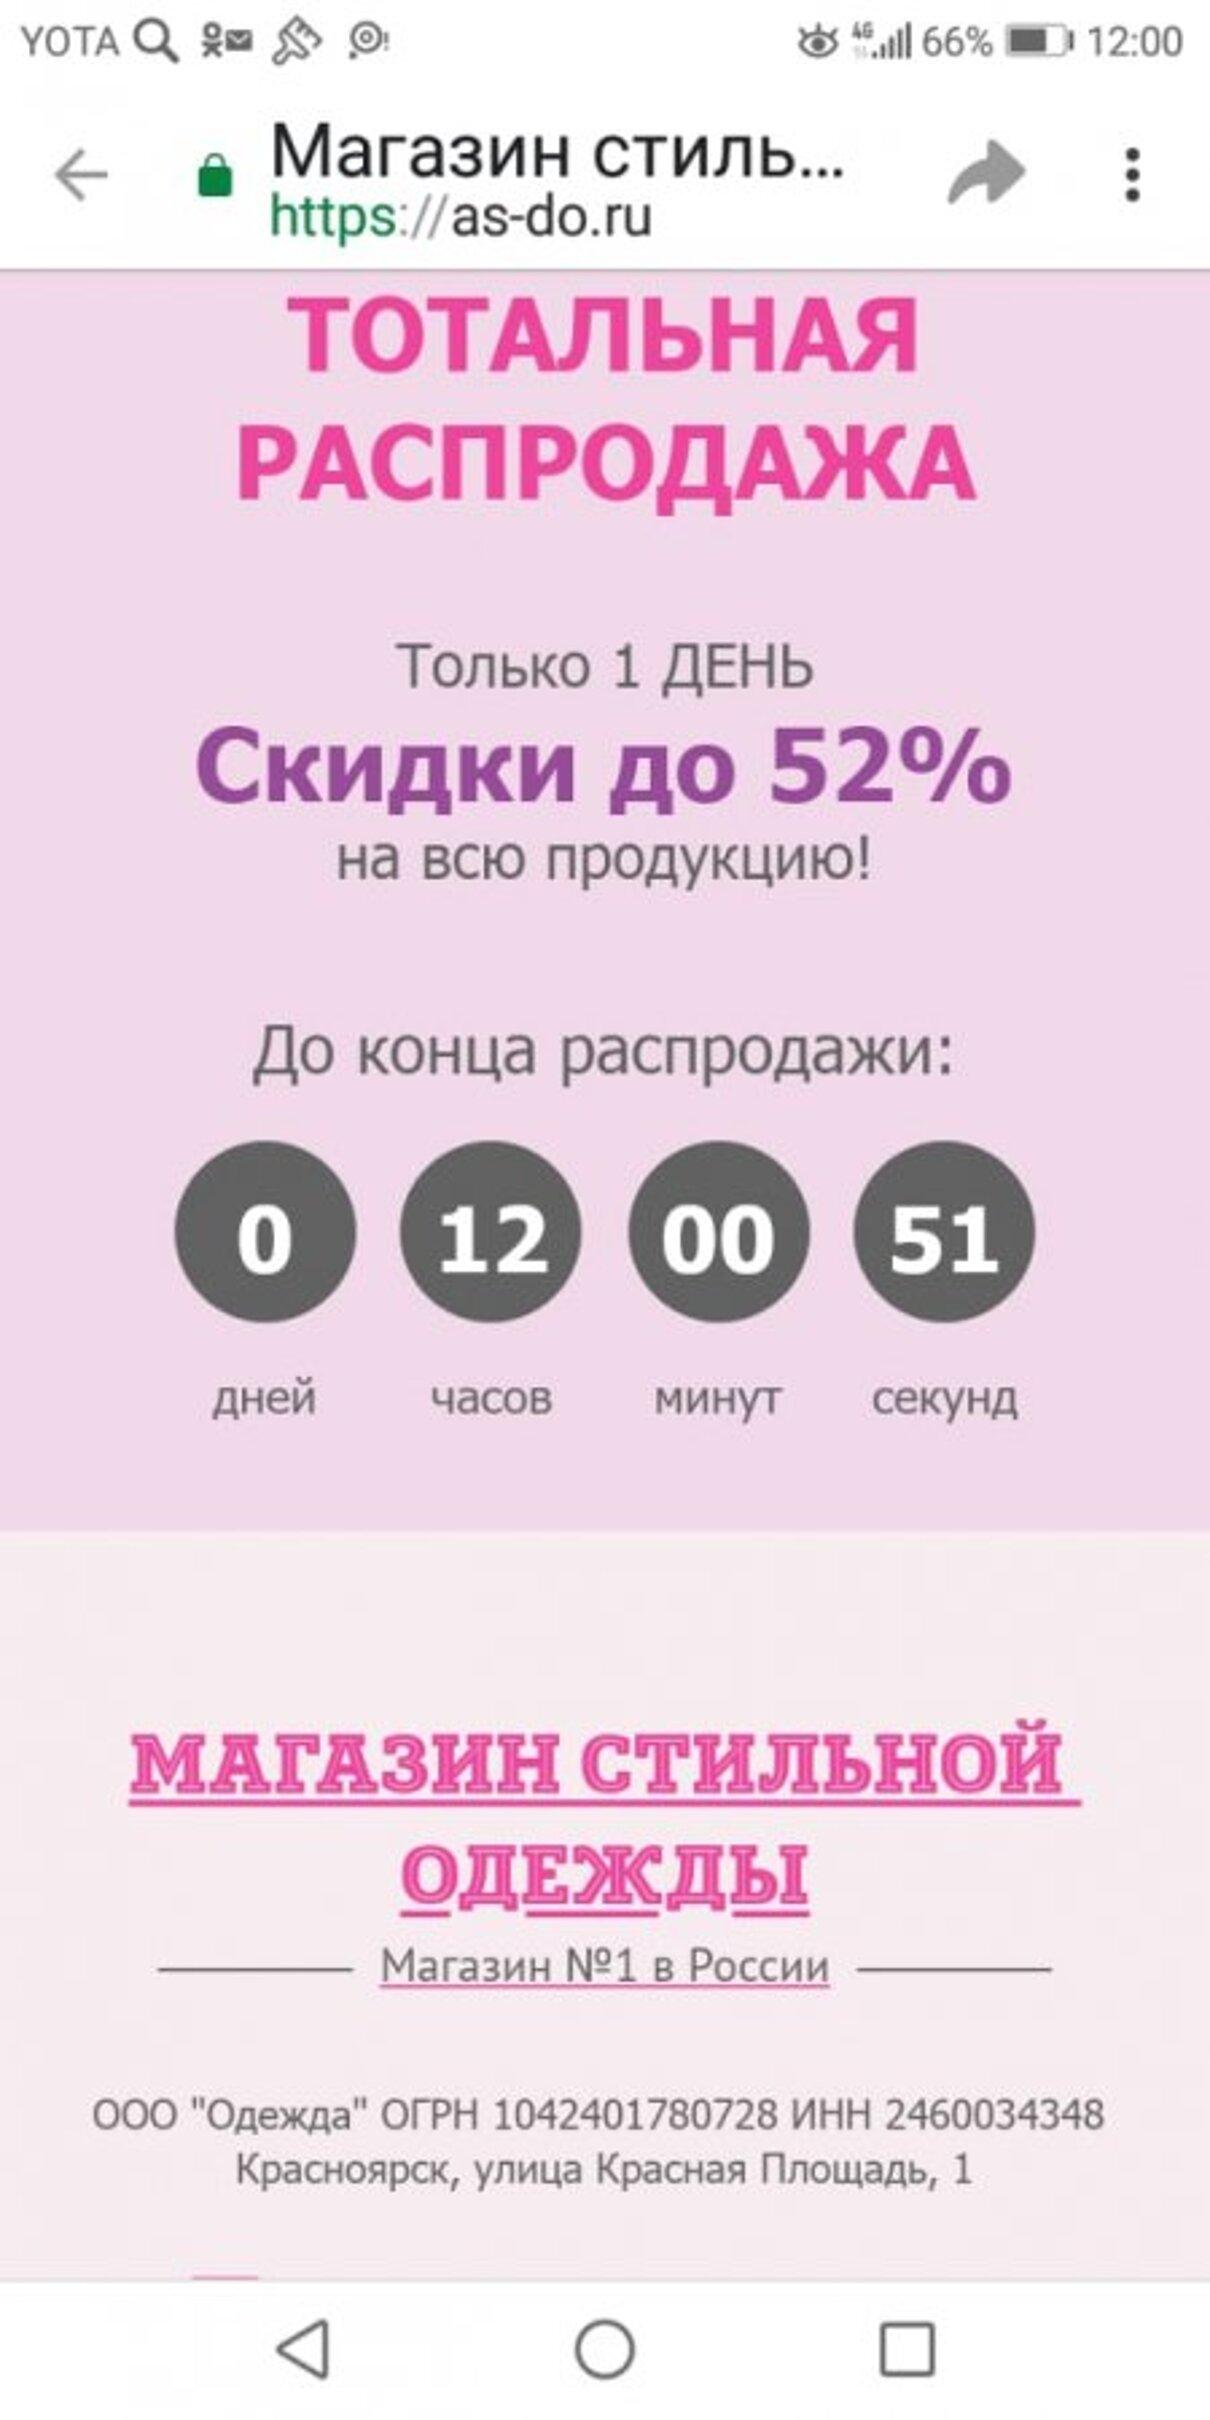 Жалоба-отзыв: Магазин стильной одежды Магазин №1 в России - Прислали не то, что заказывала.  Фото №4